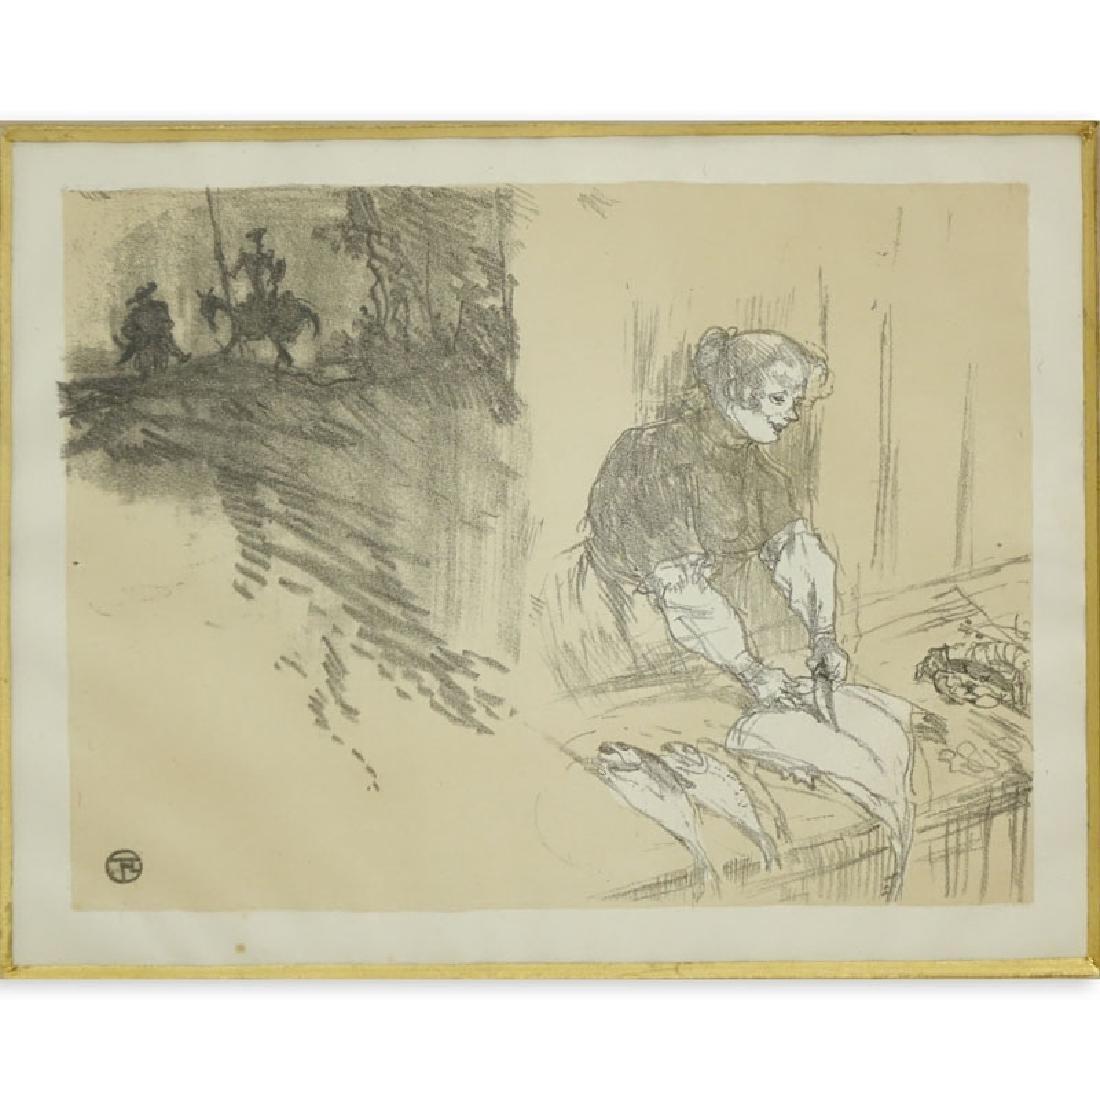 Henri de Toulouse-Lautrec, French (1864-1901)